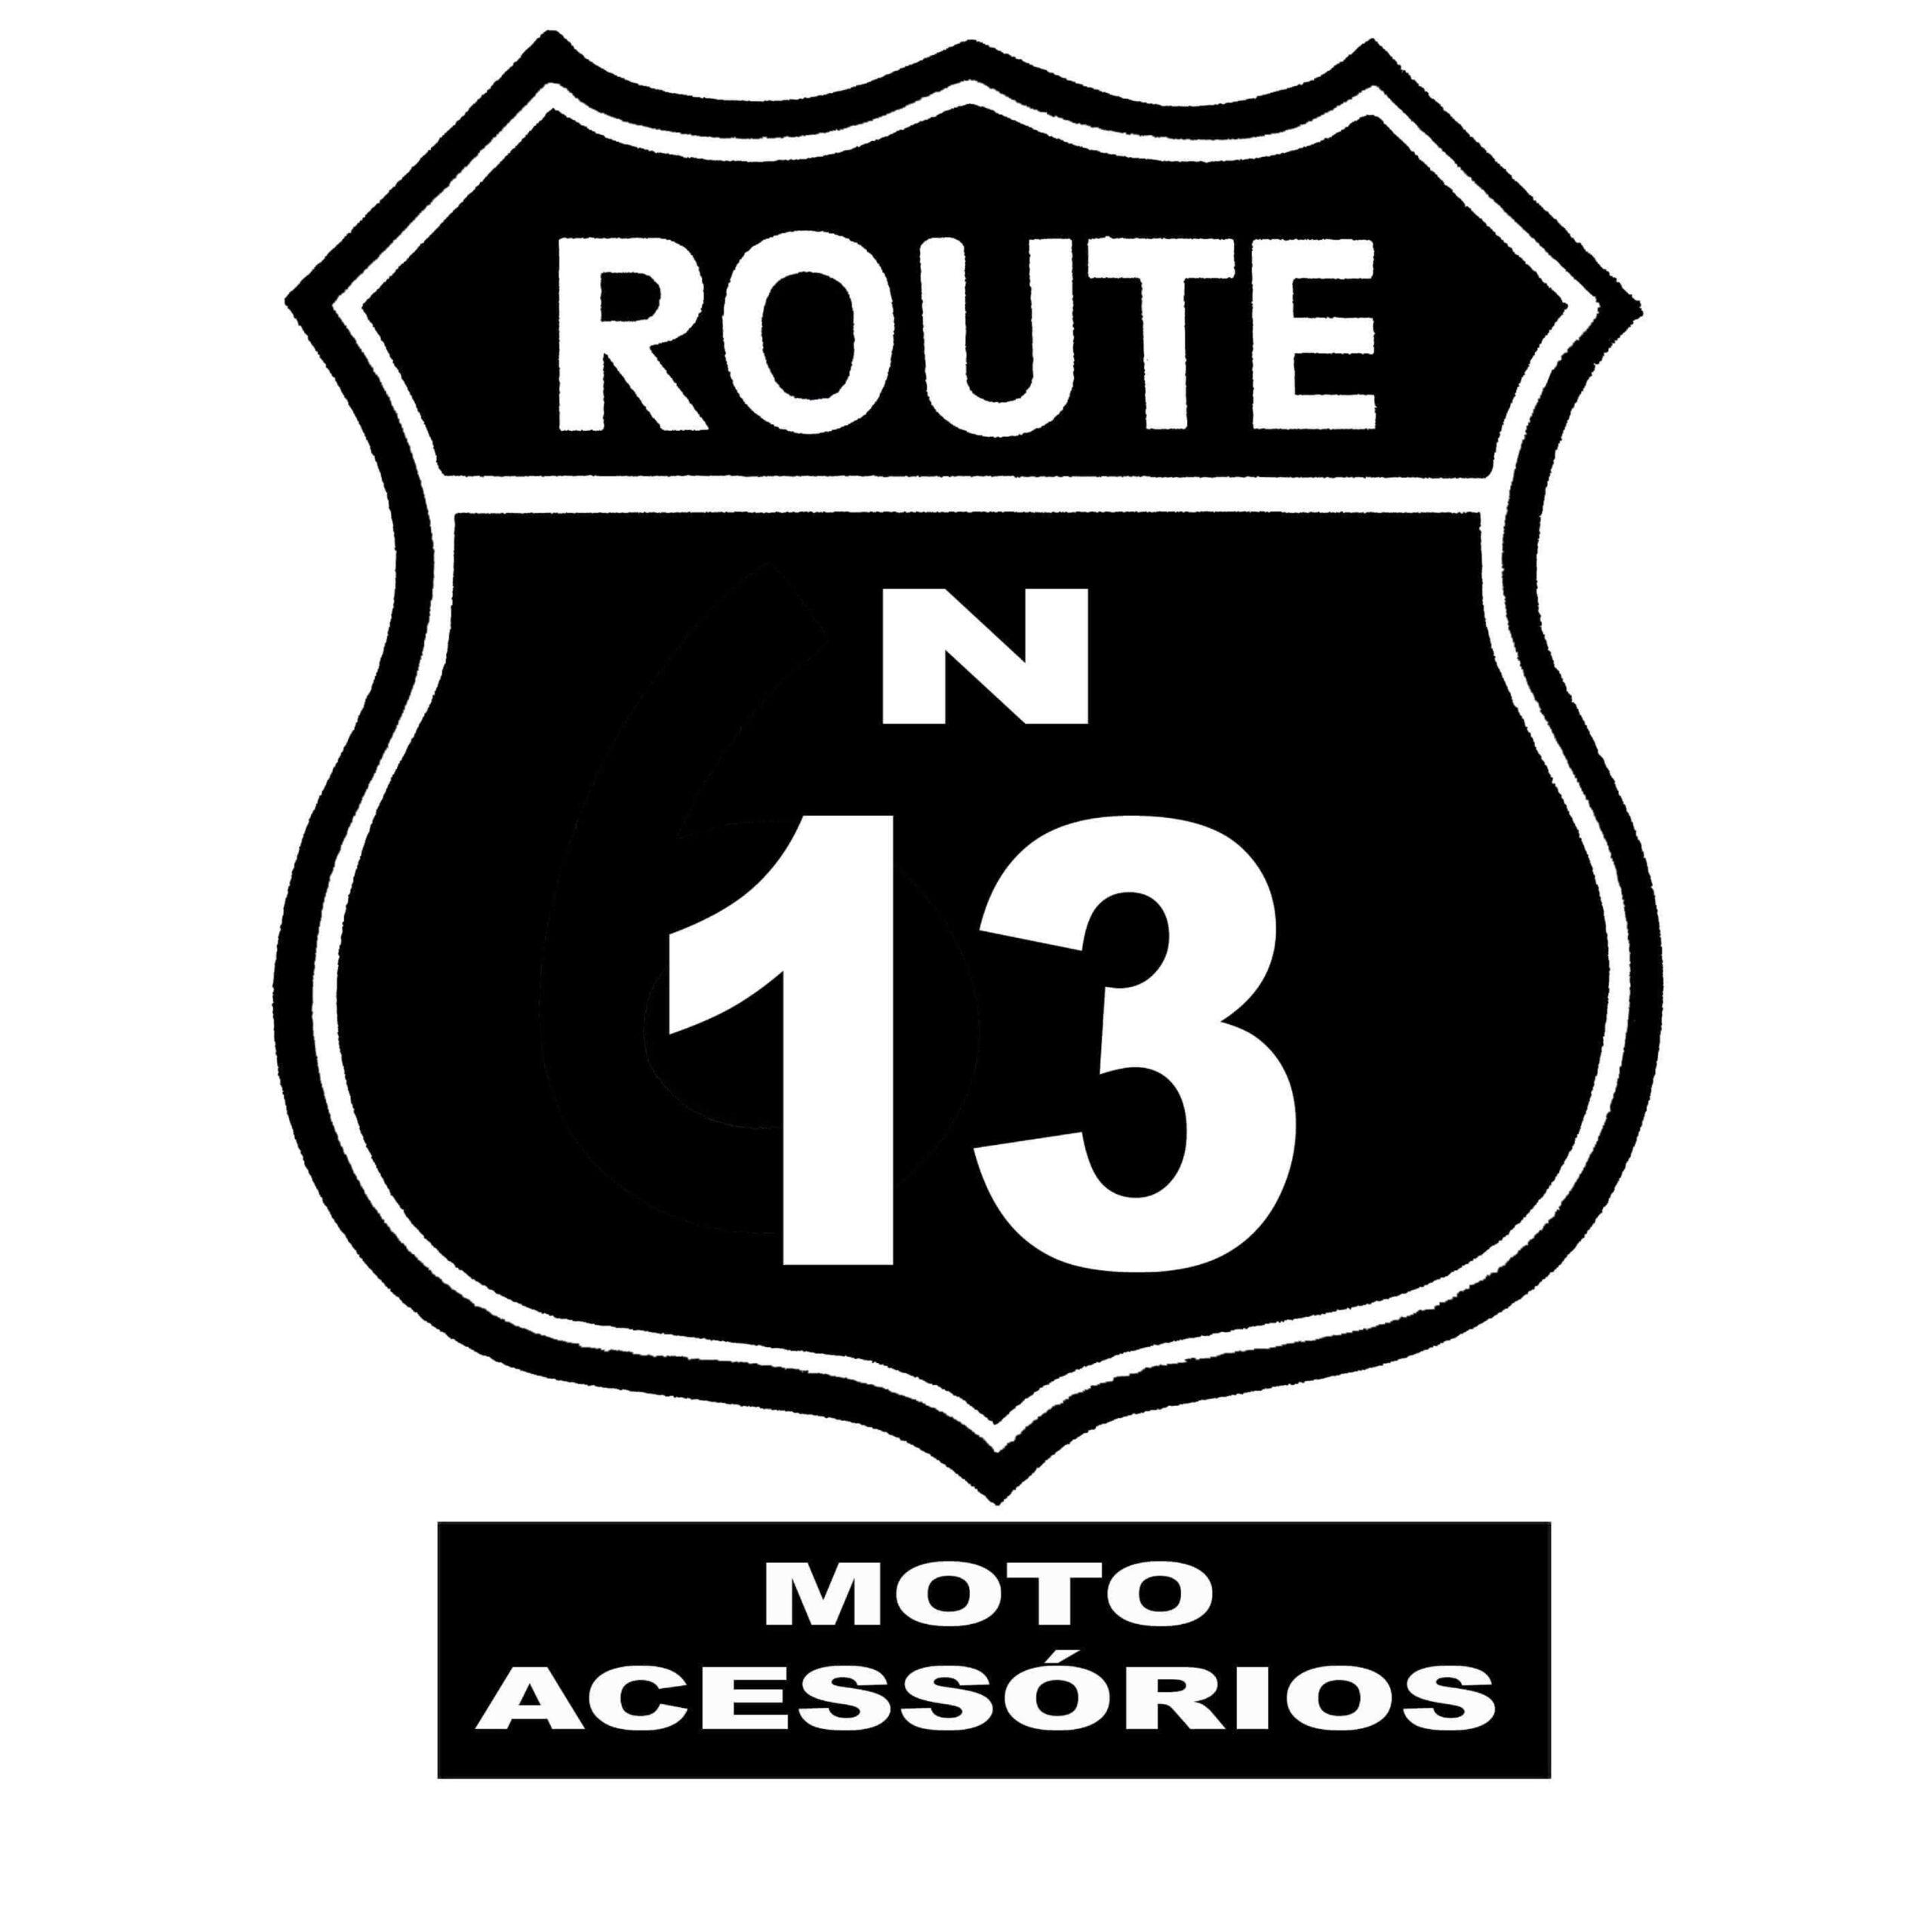 Route N13